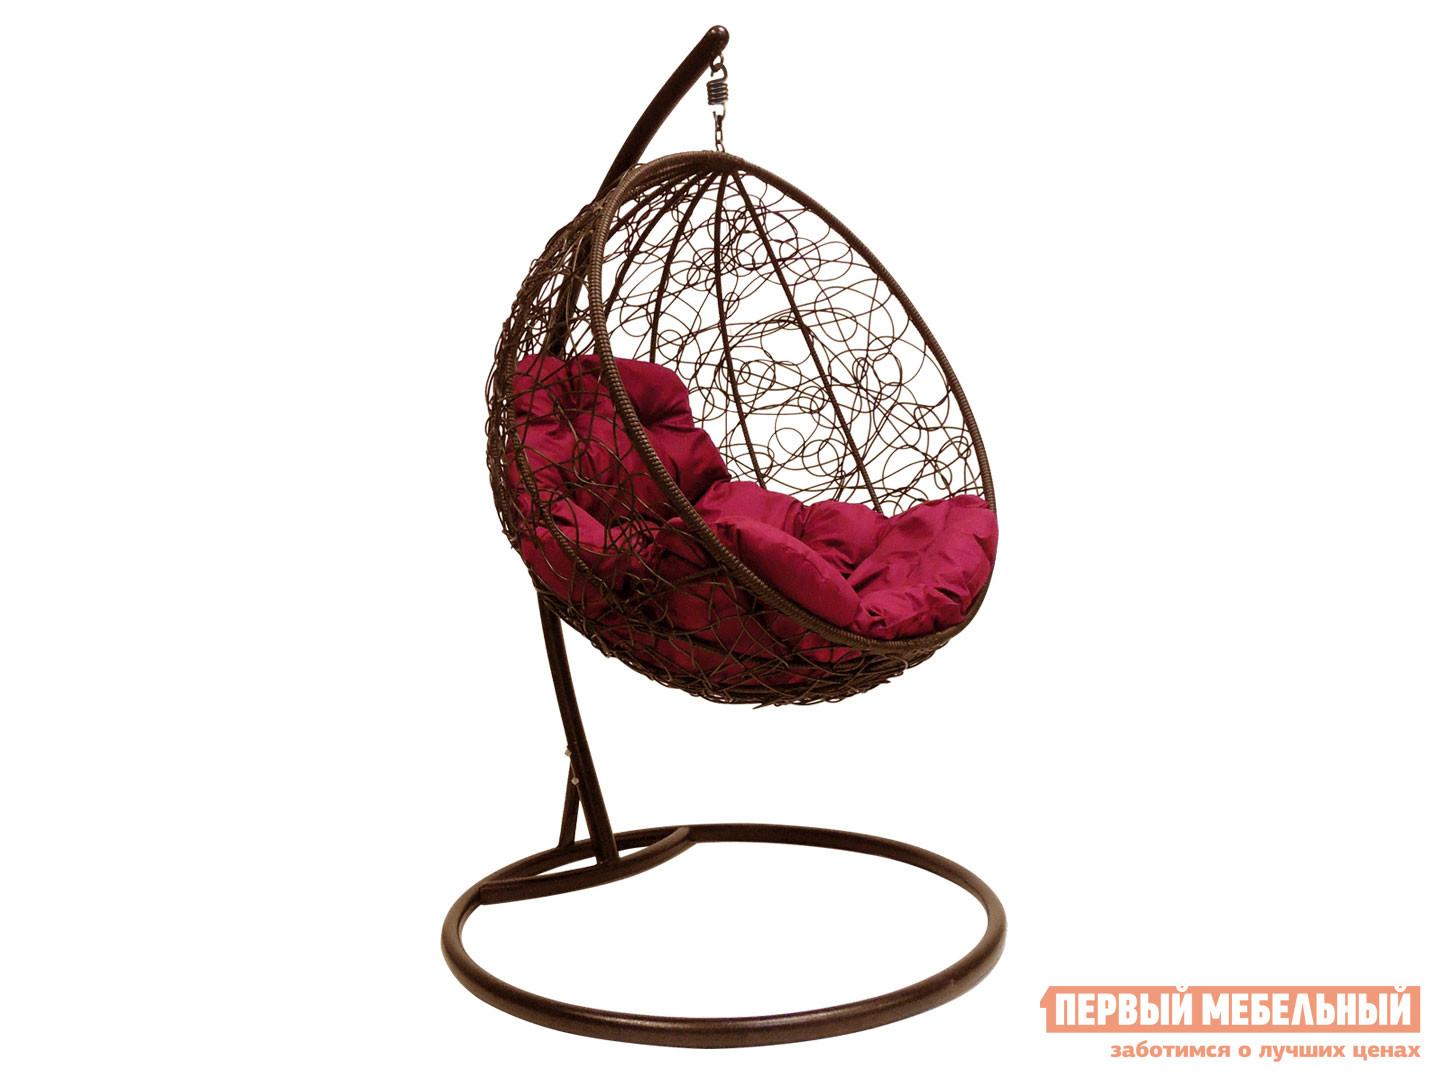 Подвесное кресло  Кресло подвесное Раунд, ротанг Коричневый / Бордо — Кресло подвесное Раунд, ротанг Коричневый / Бордо